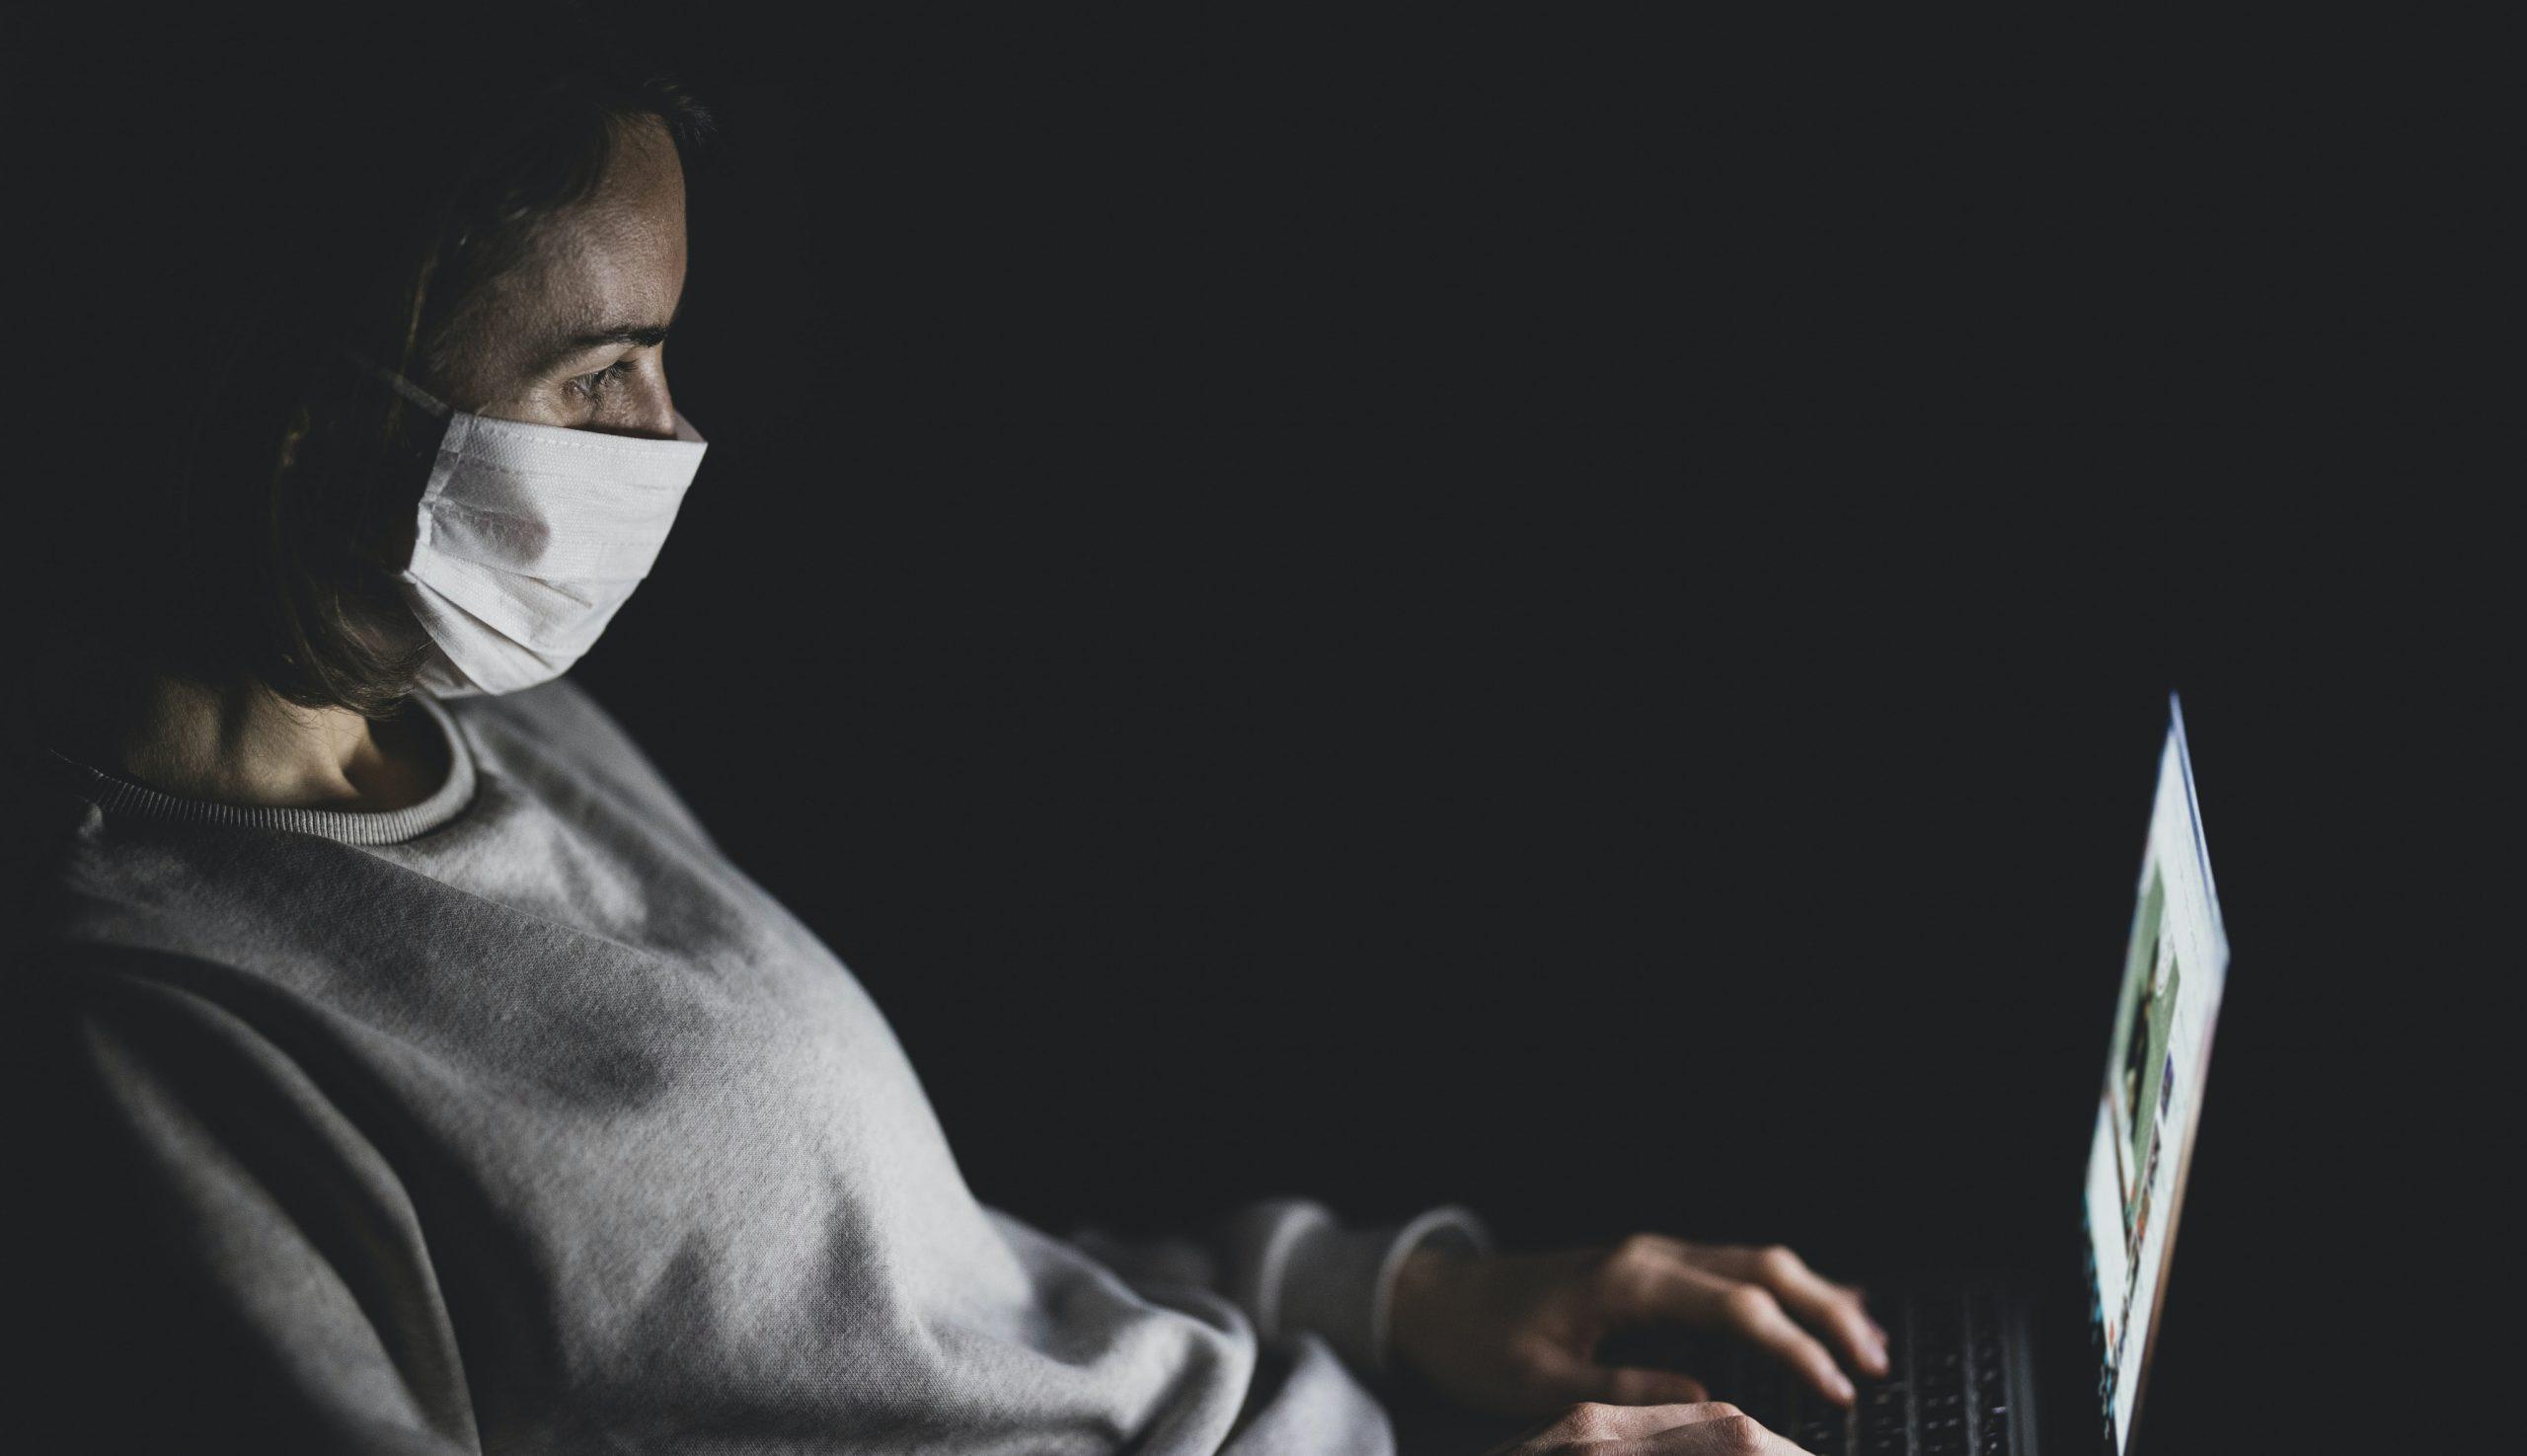 Stock Image – woman mask laptop dark (cropped2)